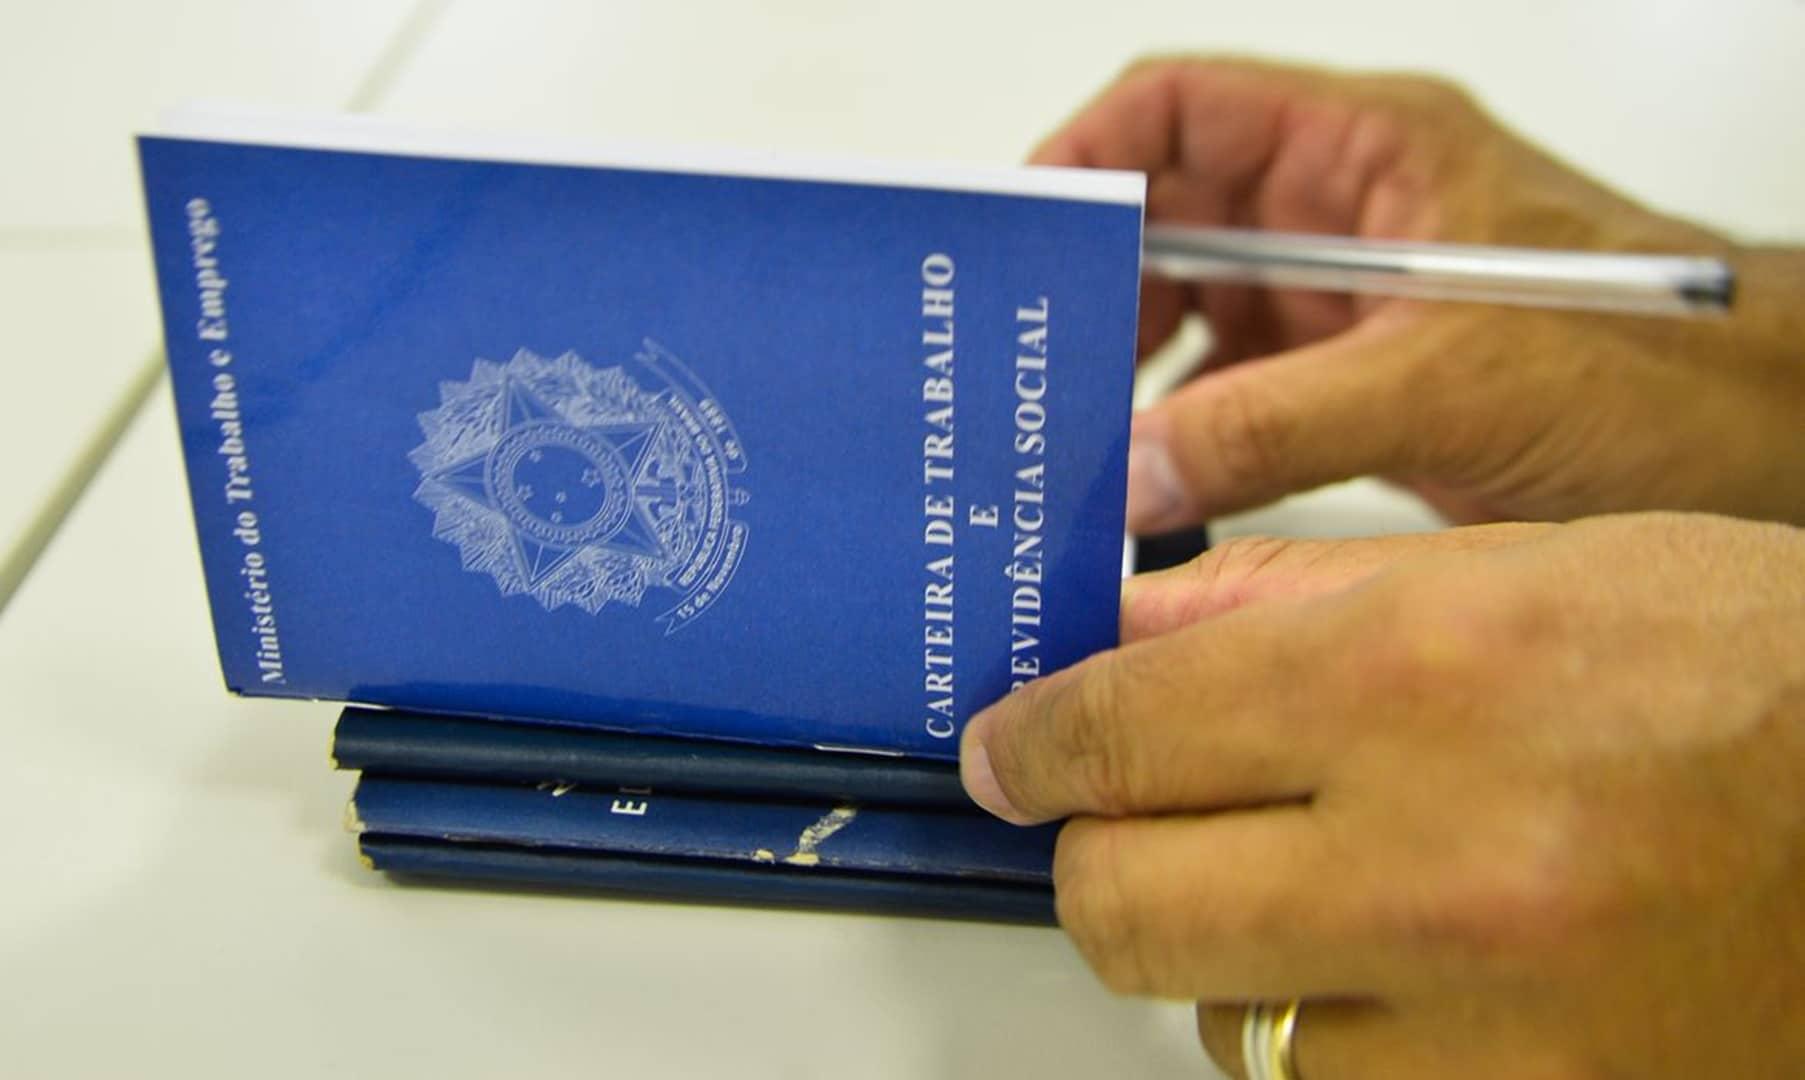 Indústria em Simões Filho abre processo seletivo com salário de R$ 2 mil